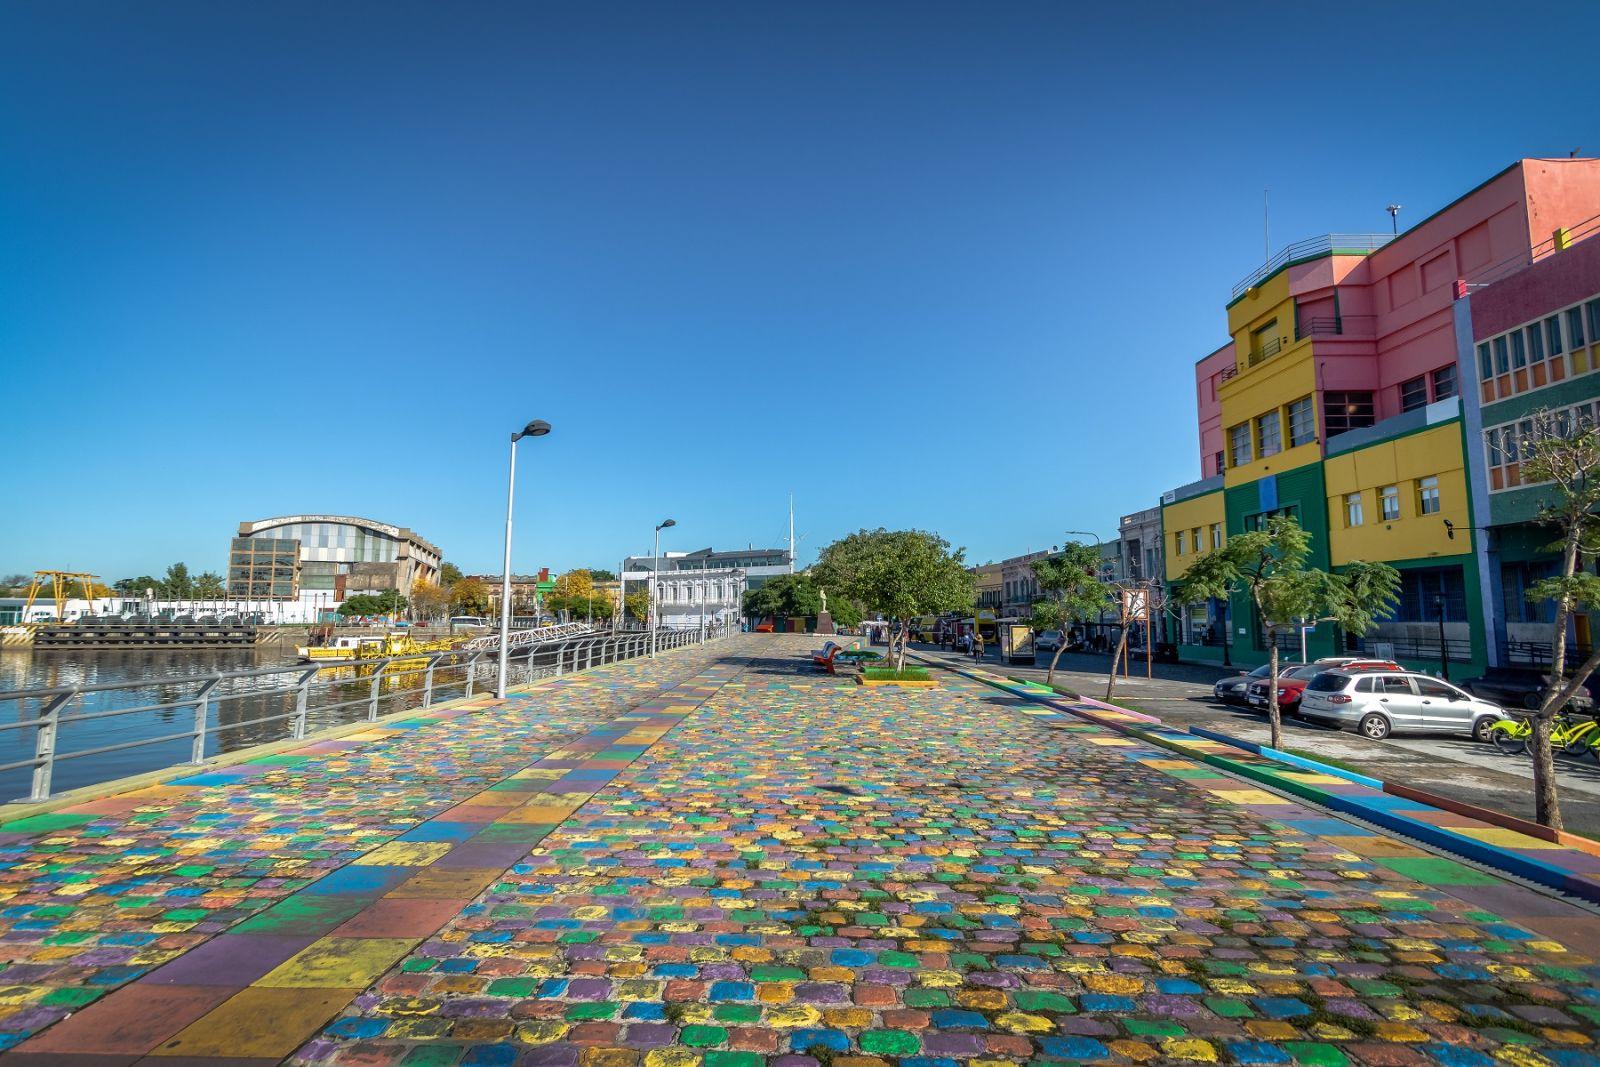 Khu phố La Boca bên bờ sông Matanza Riachuelo sau khi cải tạo đã trở thành địa điểm thu hút du khách của Thủ đô Buenos Aires.